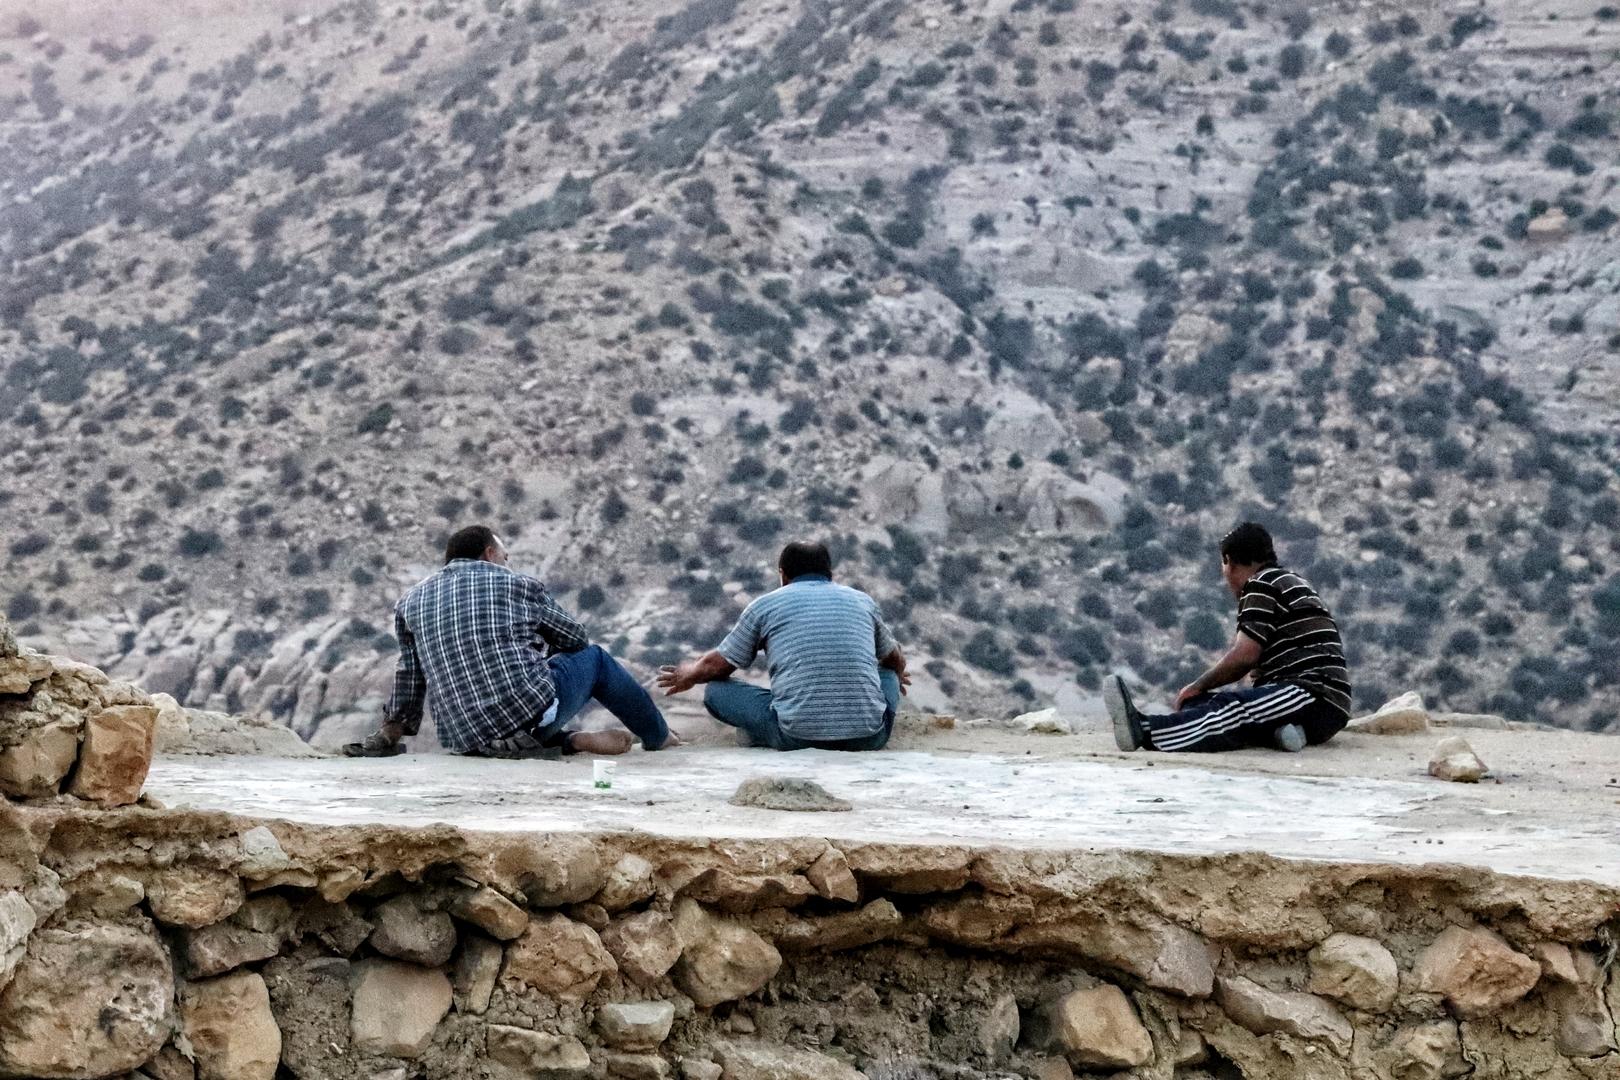 Jordanie - On refait le monde au petit village de Dana